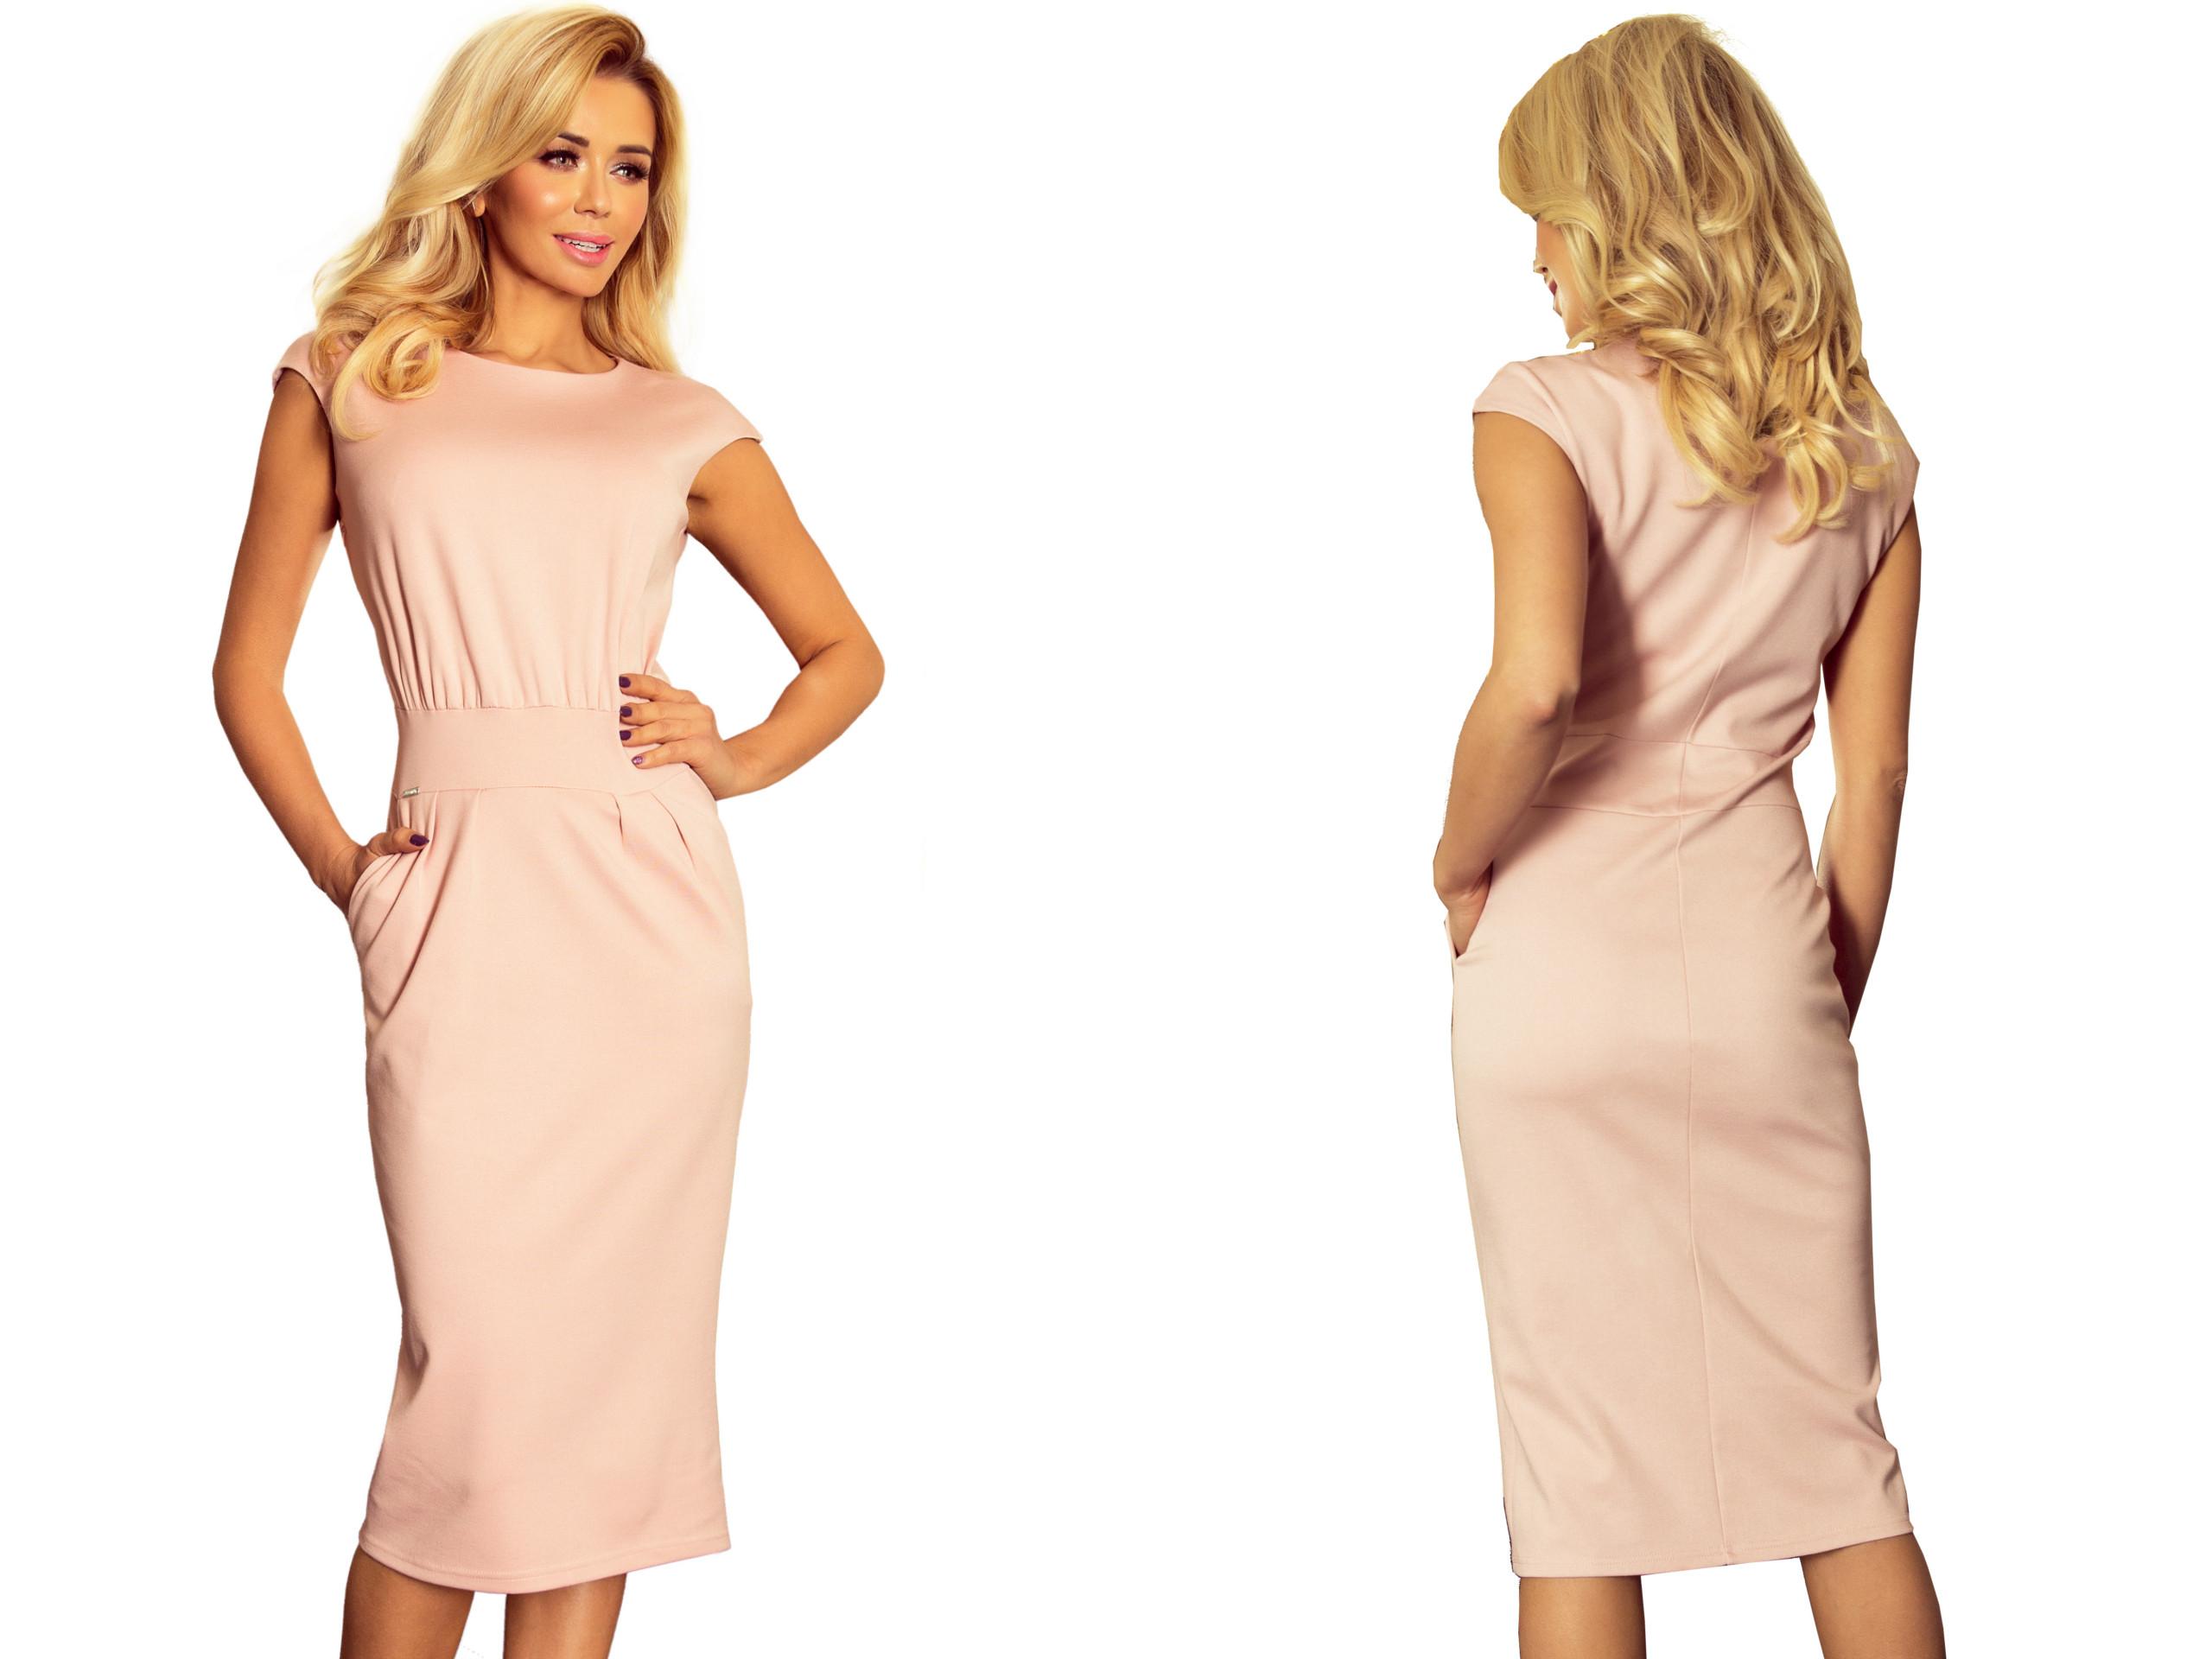 1d0ed249cb ELEGANCKA Sukienka NA WESELE KOMUNIE 144-6 S 36 7373480537 - Allegro.pl